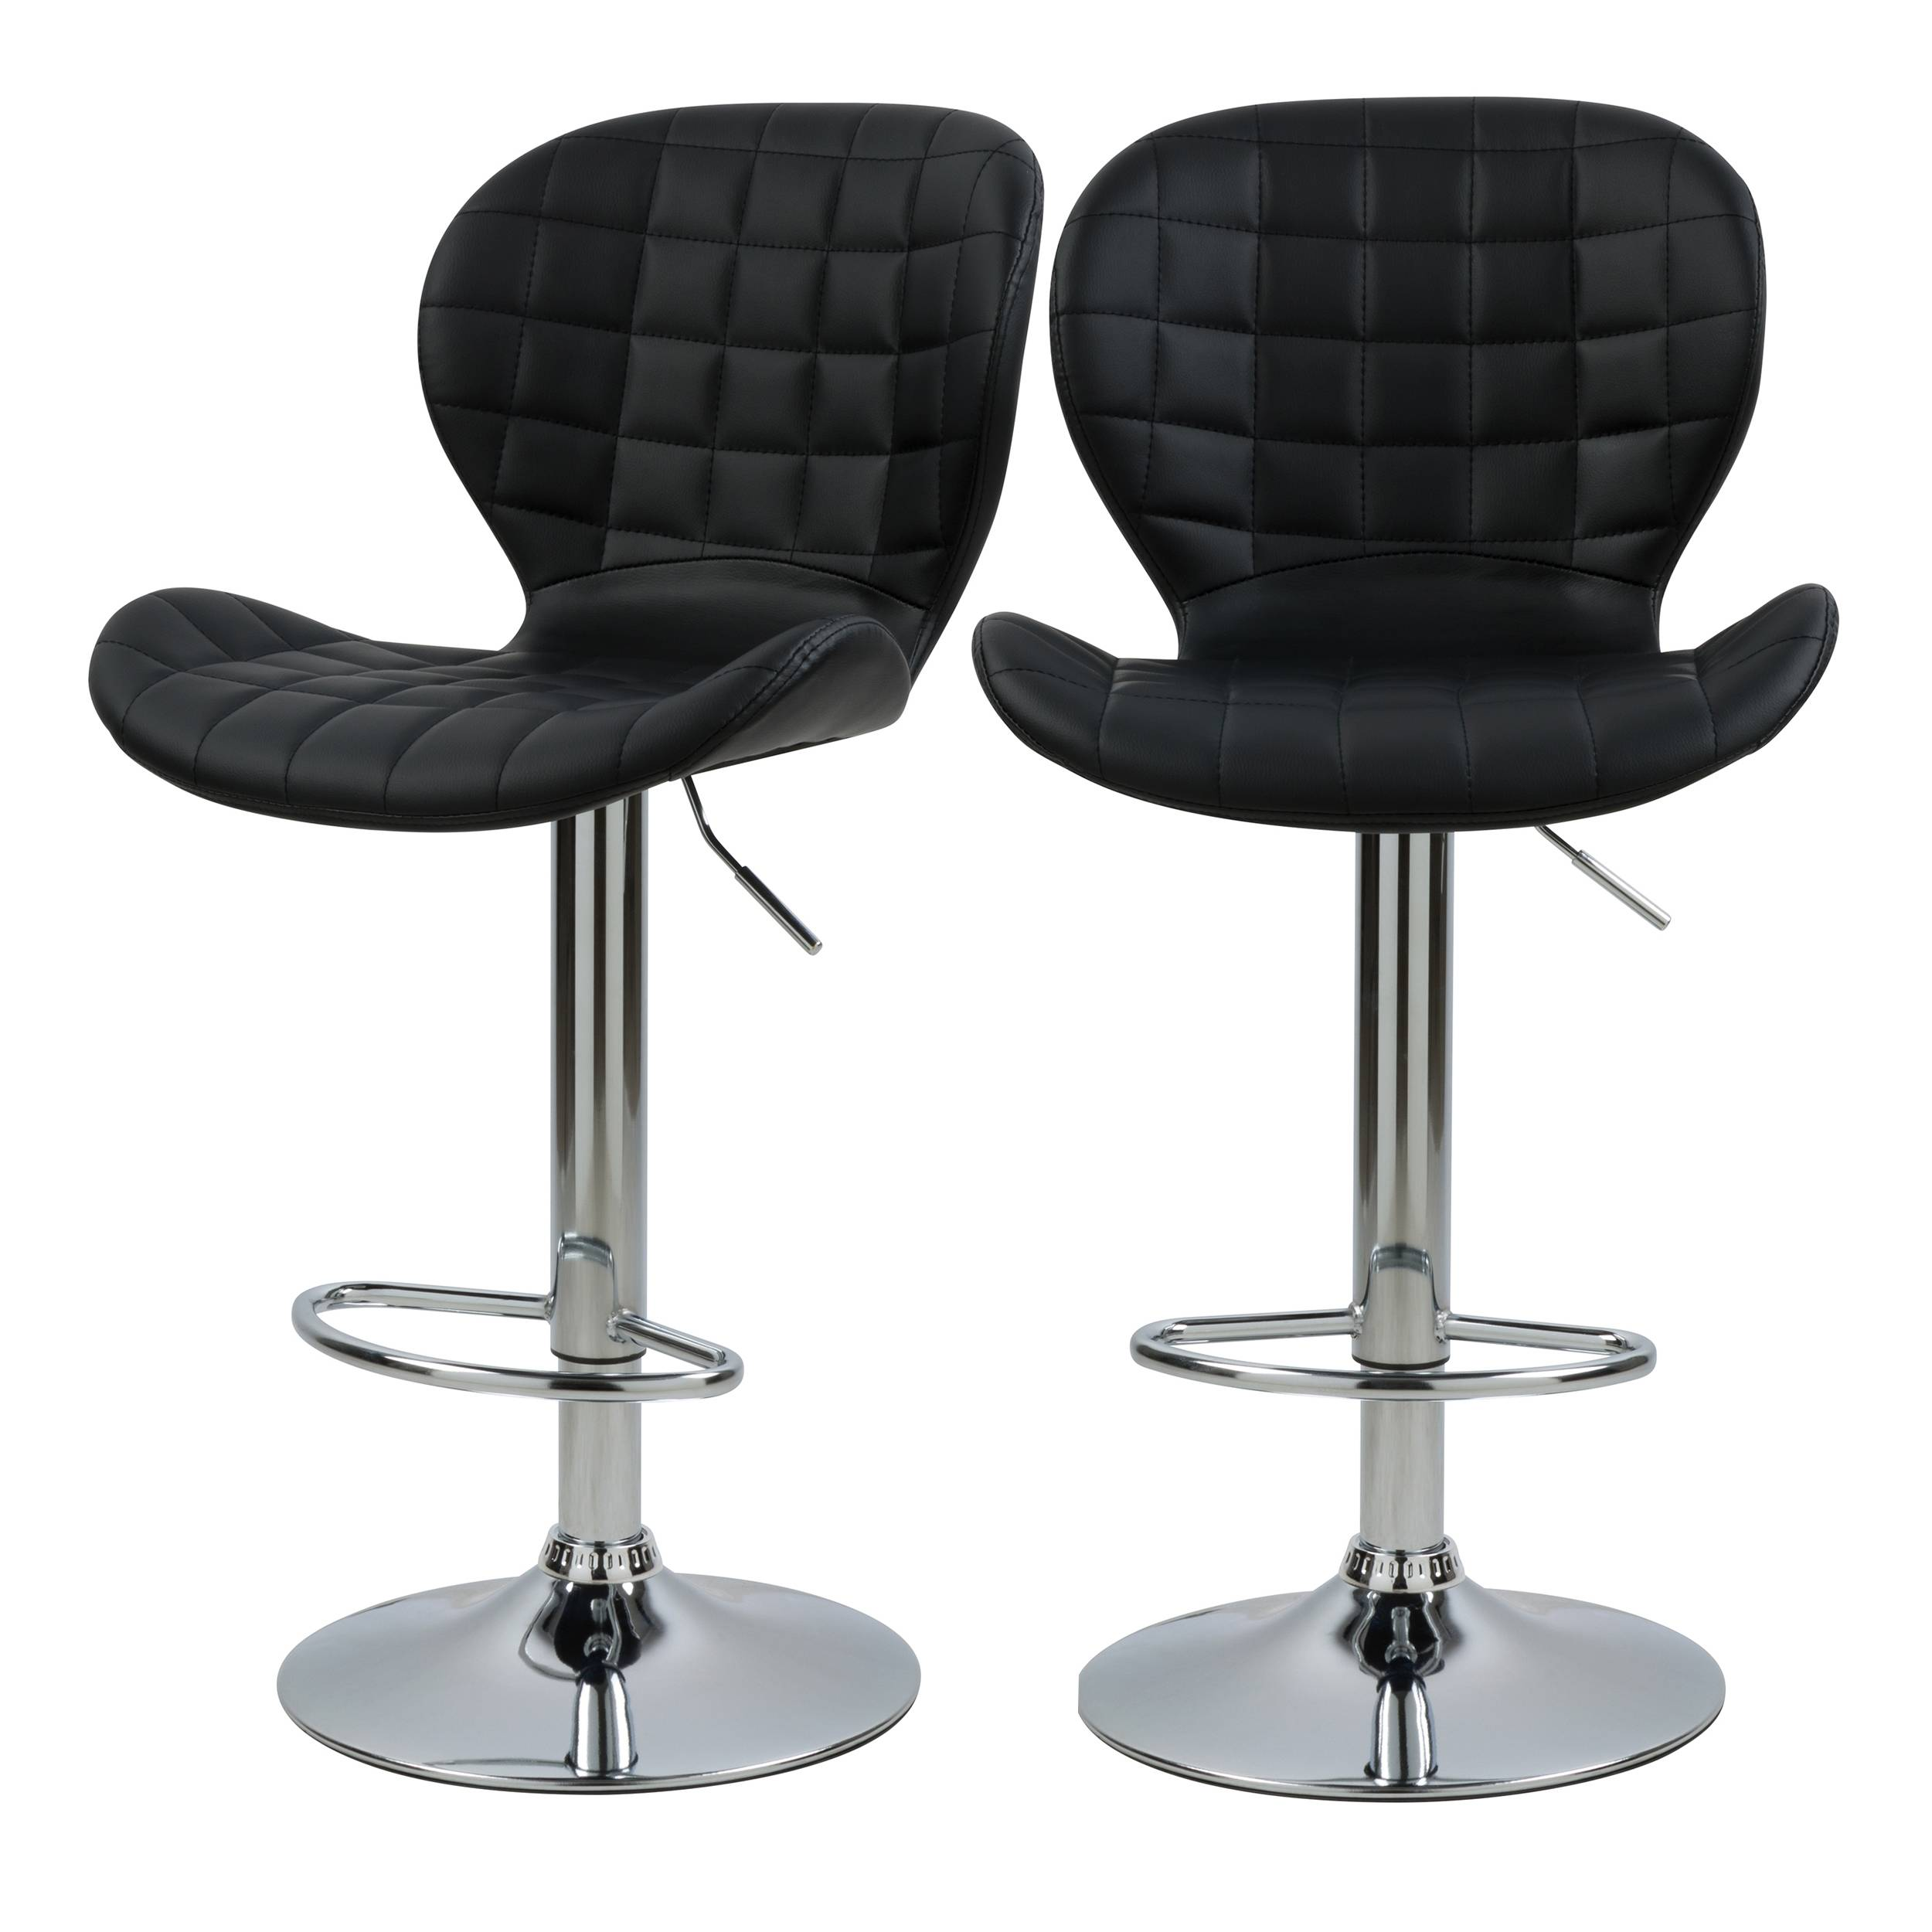 Rendez vous déco Chaise de bar réglable 53/74cm en cuir synthétique noir (x2)